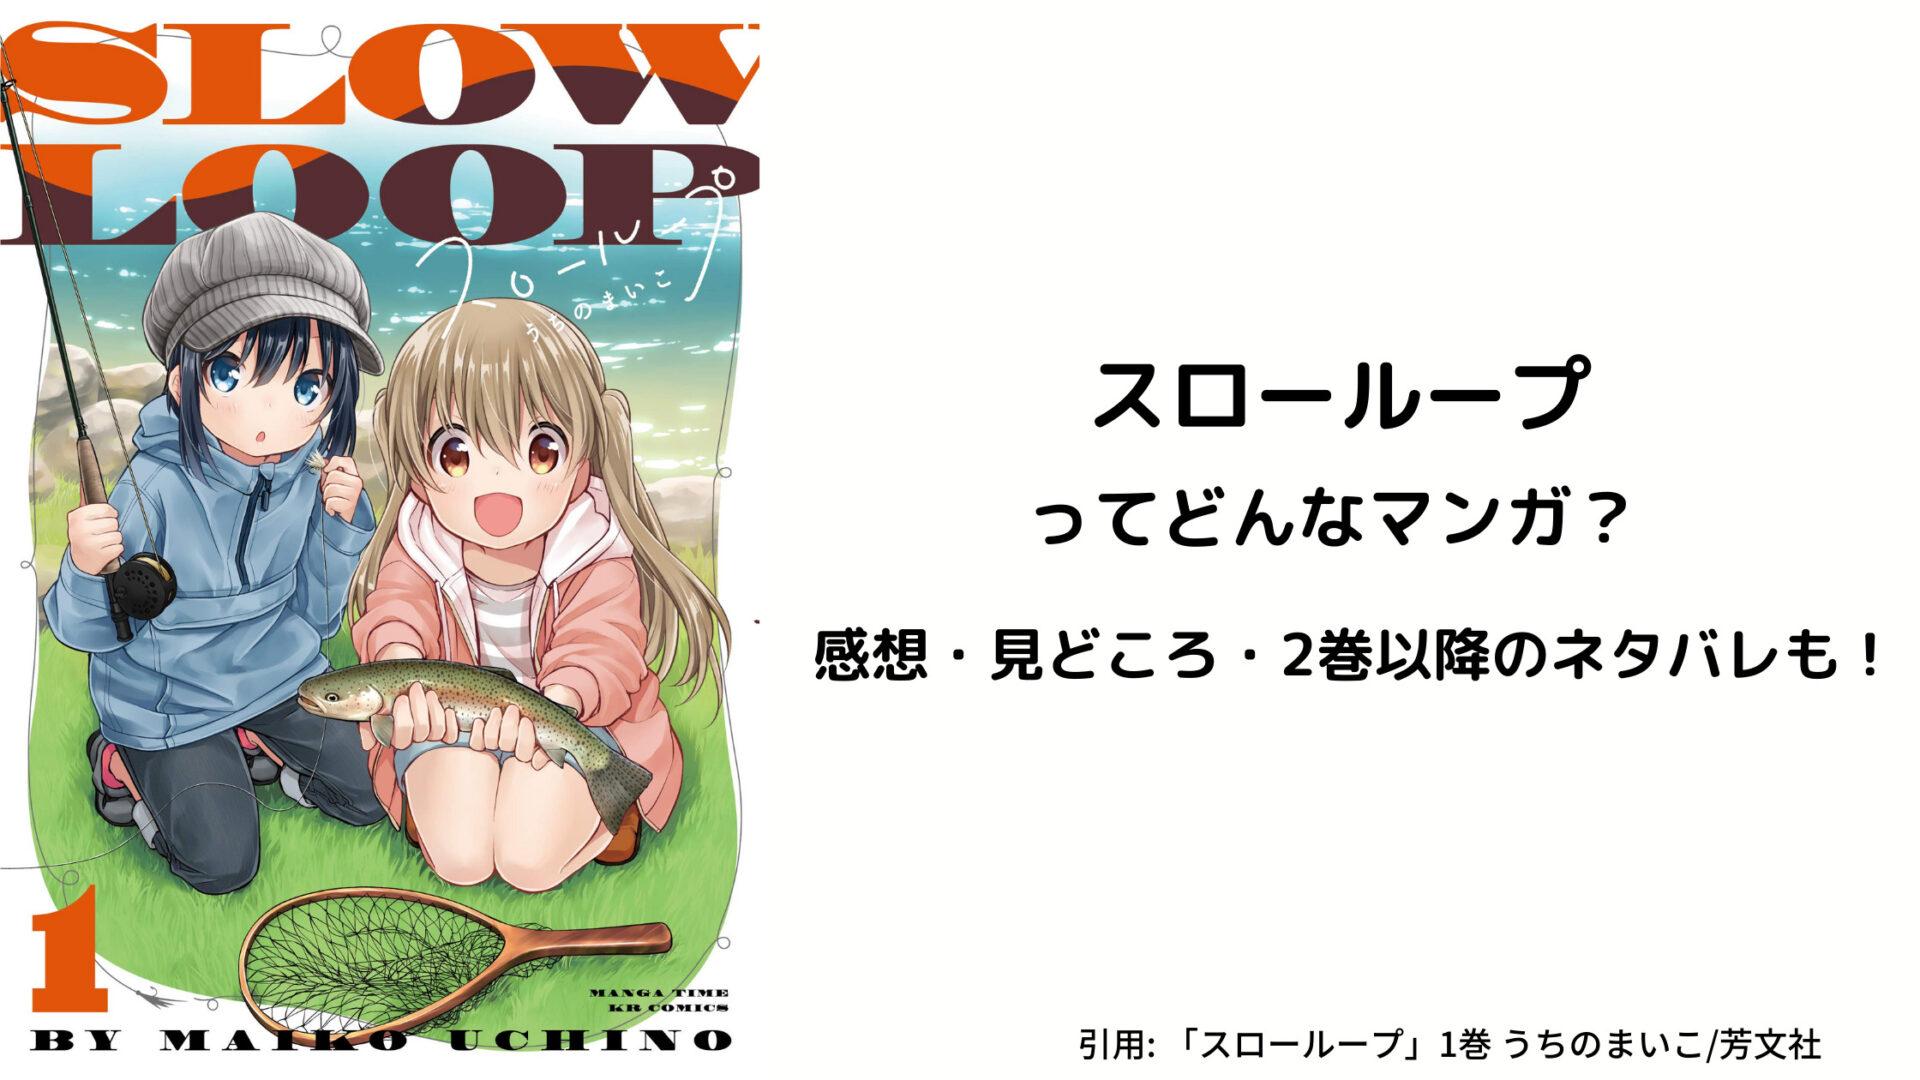 【スローループ】ってどんなマンガ? 感想・見どころ・2巻以降のネタバレも!